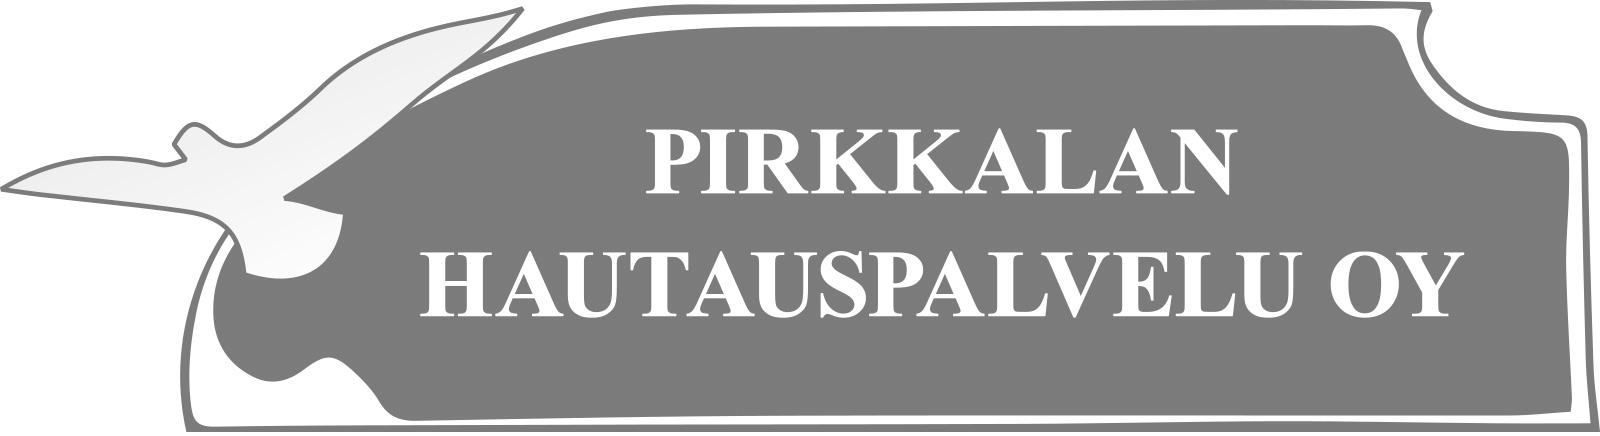 Pirkkalan-Hautauspalvelu-logo-iso